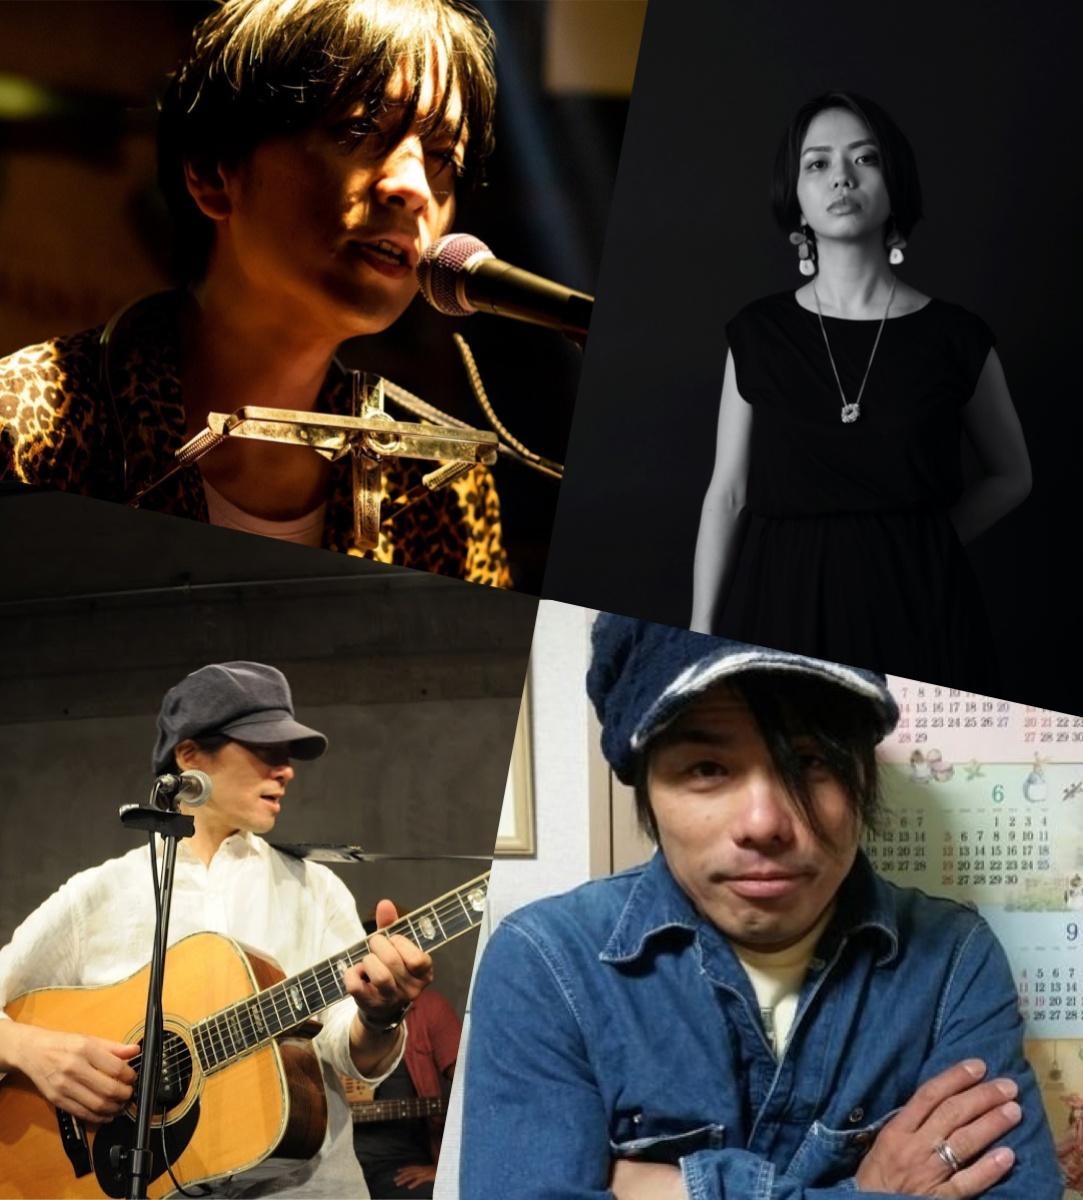 [無観客配信]『愛することができるものすべて』出演:松浦健太 / ベラ氏とヤムヒ / Sengen. / ピース